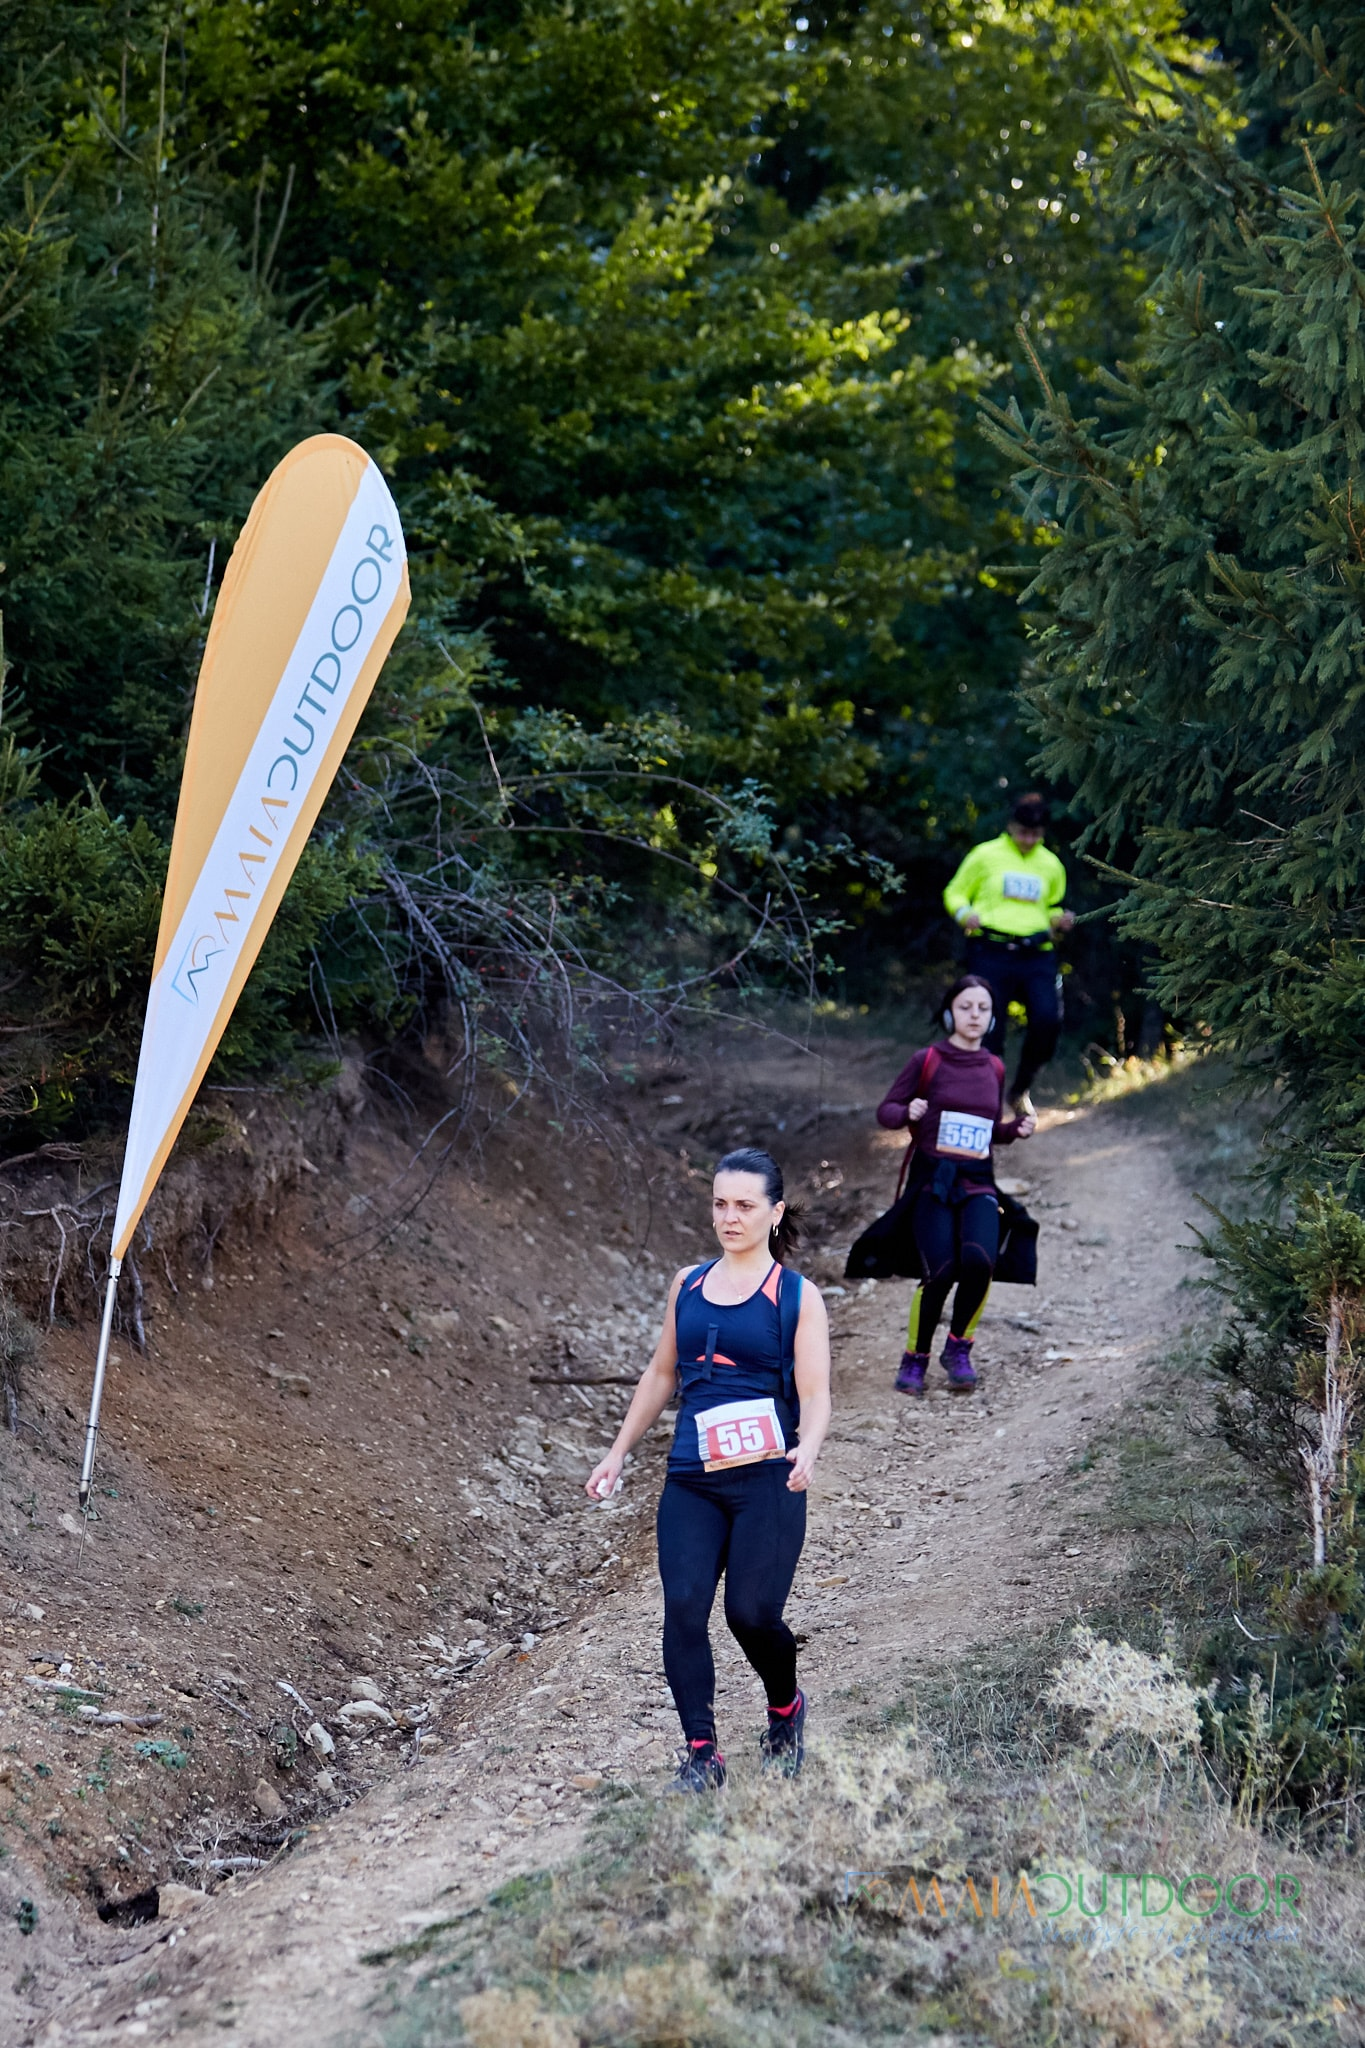 Semimaraton_Curtea_Domneasca_MaiaOutdoor.ro_IMG_6235-min